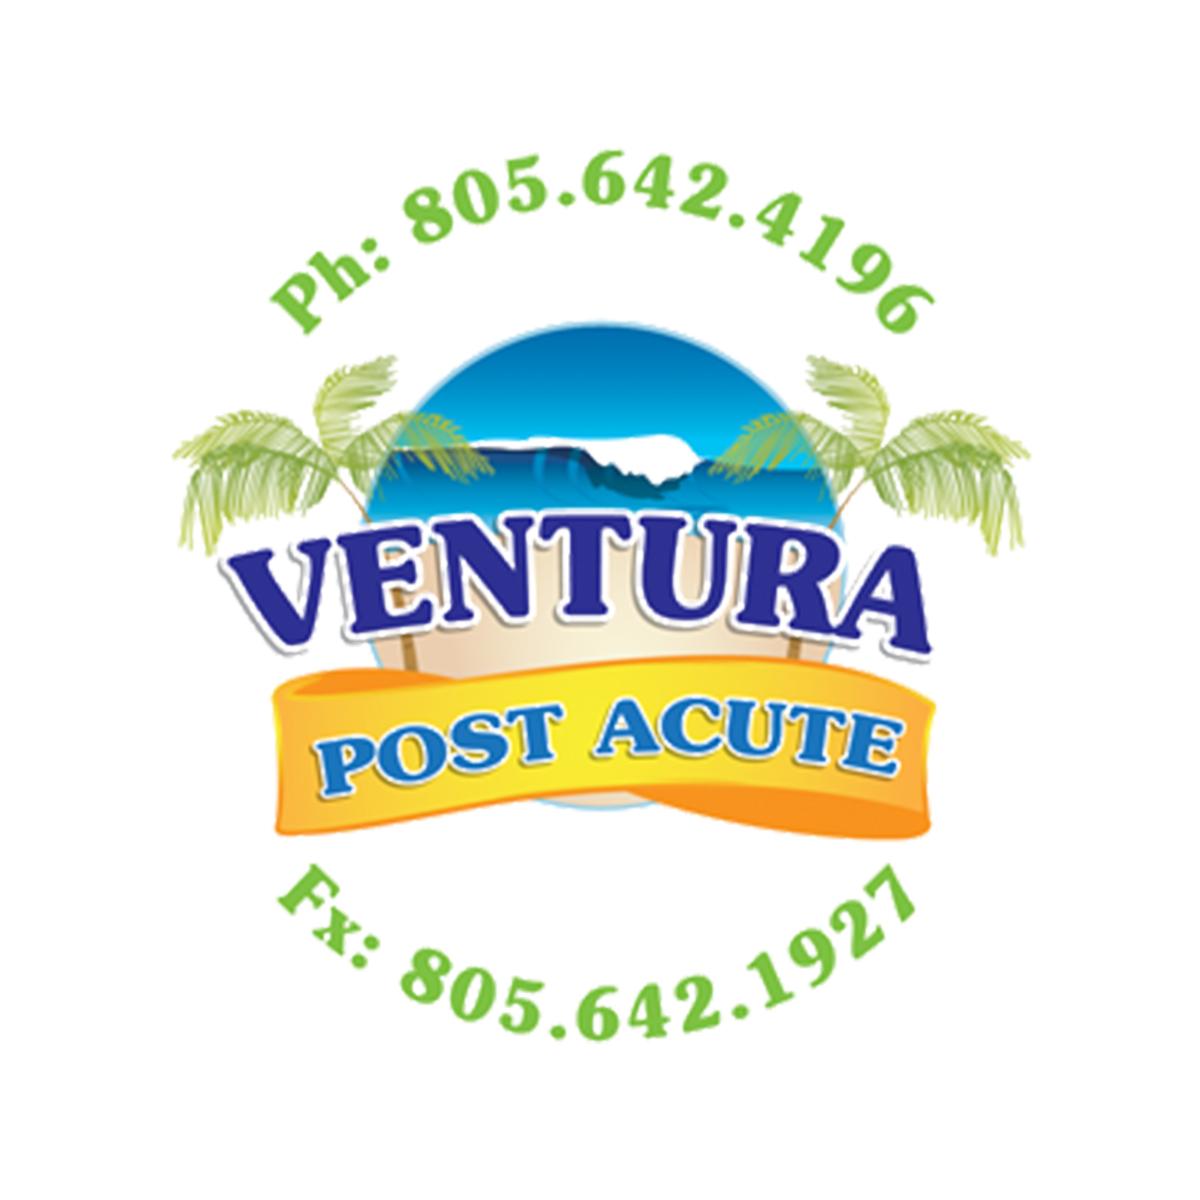 Ventura Post Acute